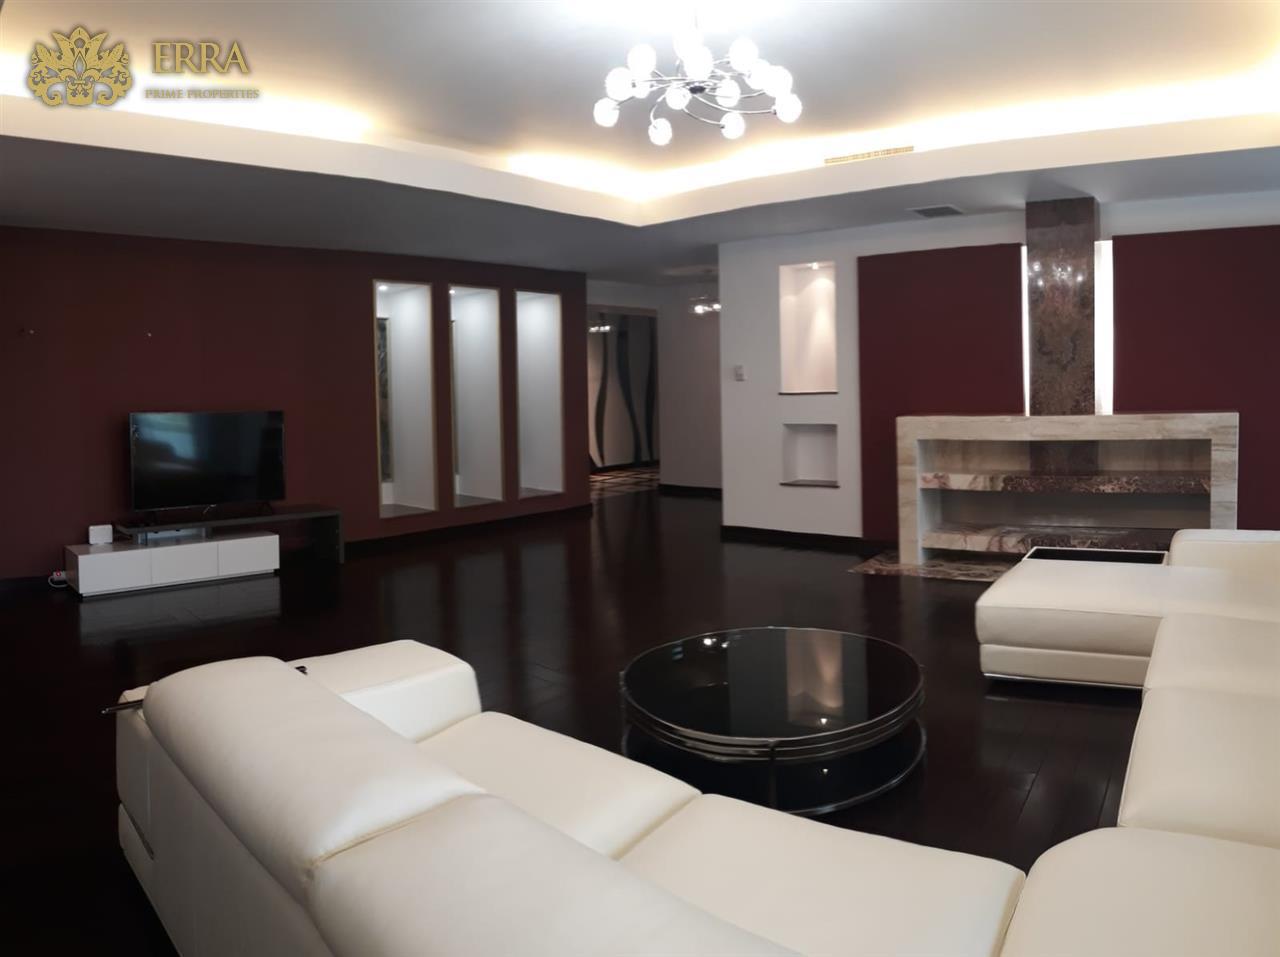 Apartament 300mp.Prima inchiriere. Baneasa